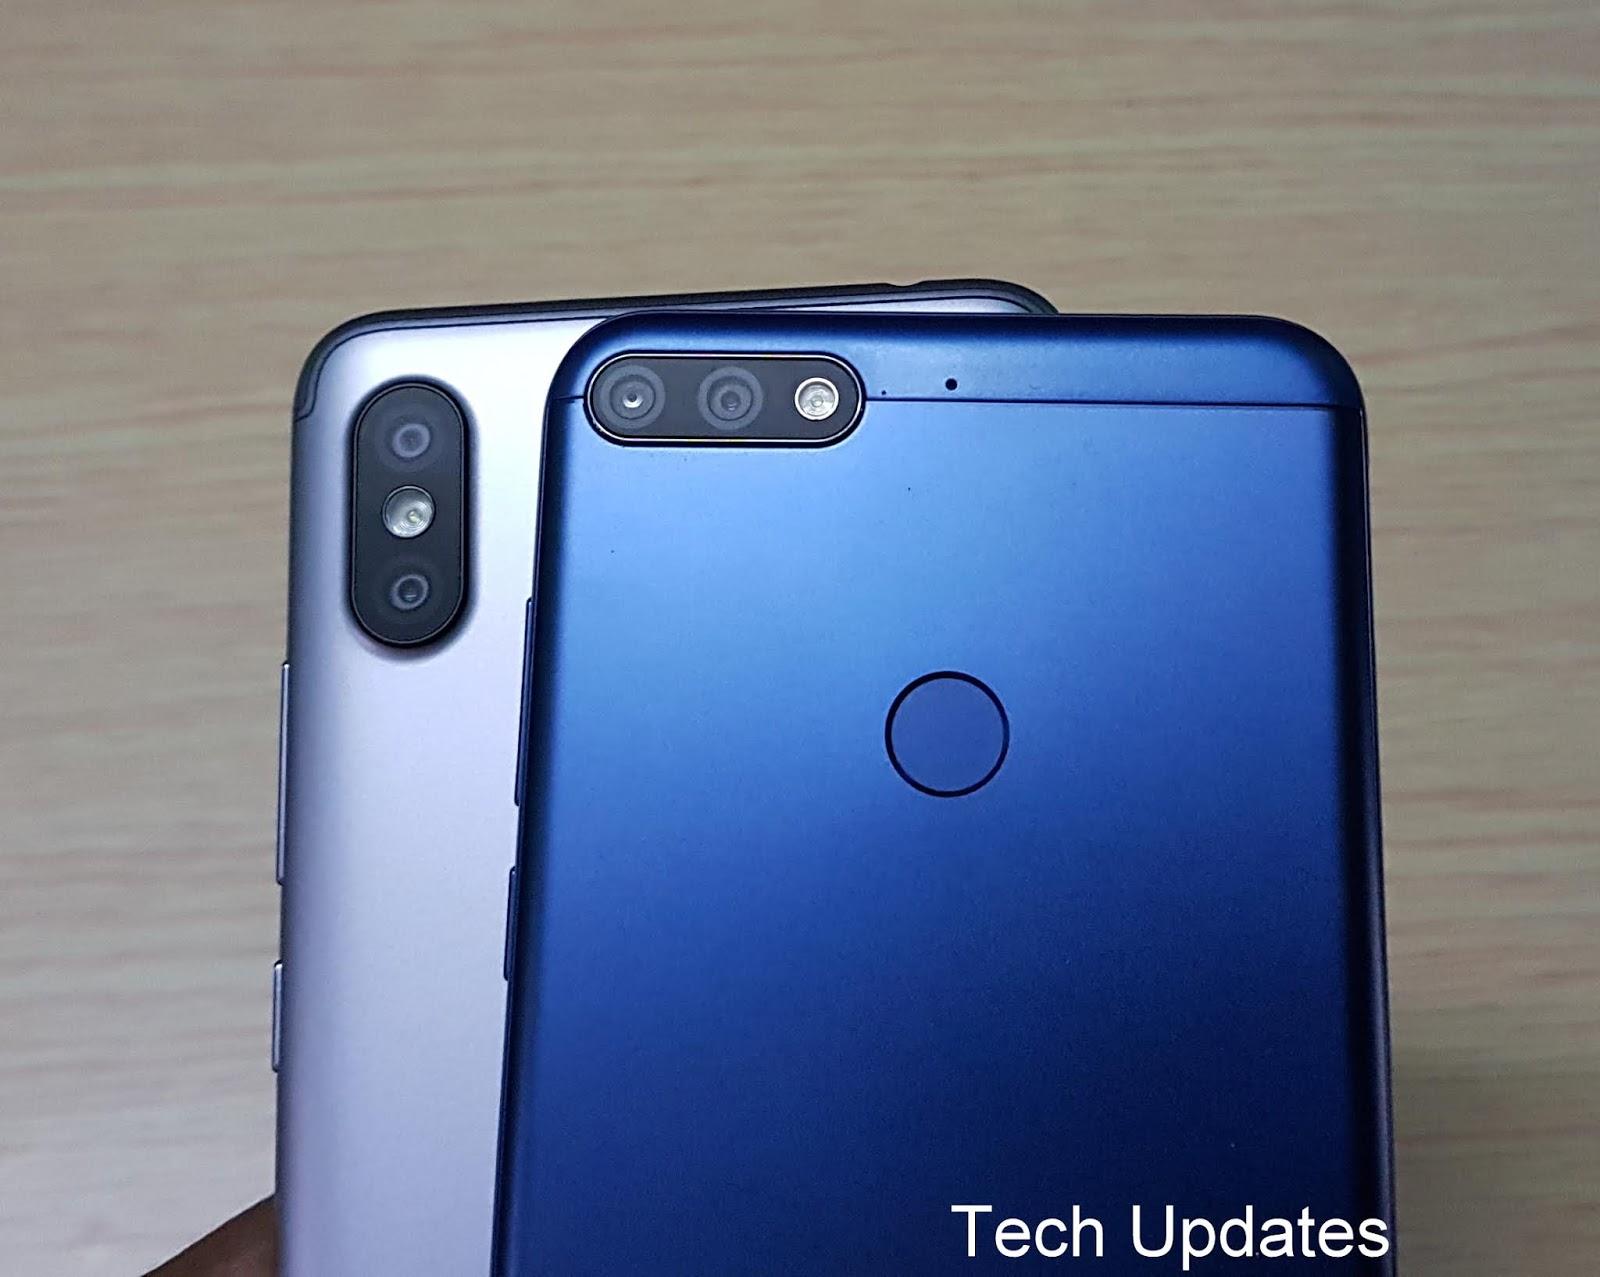 Xiaomi Redmi Y2 Vs Honor 7c Camera Comparison Tech Updates